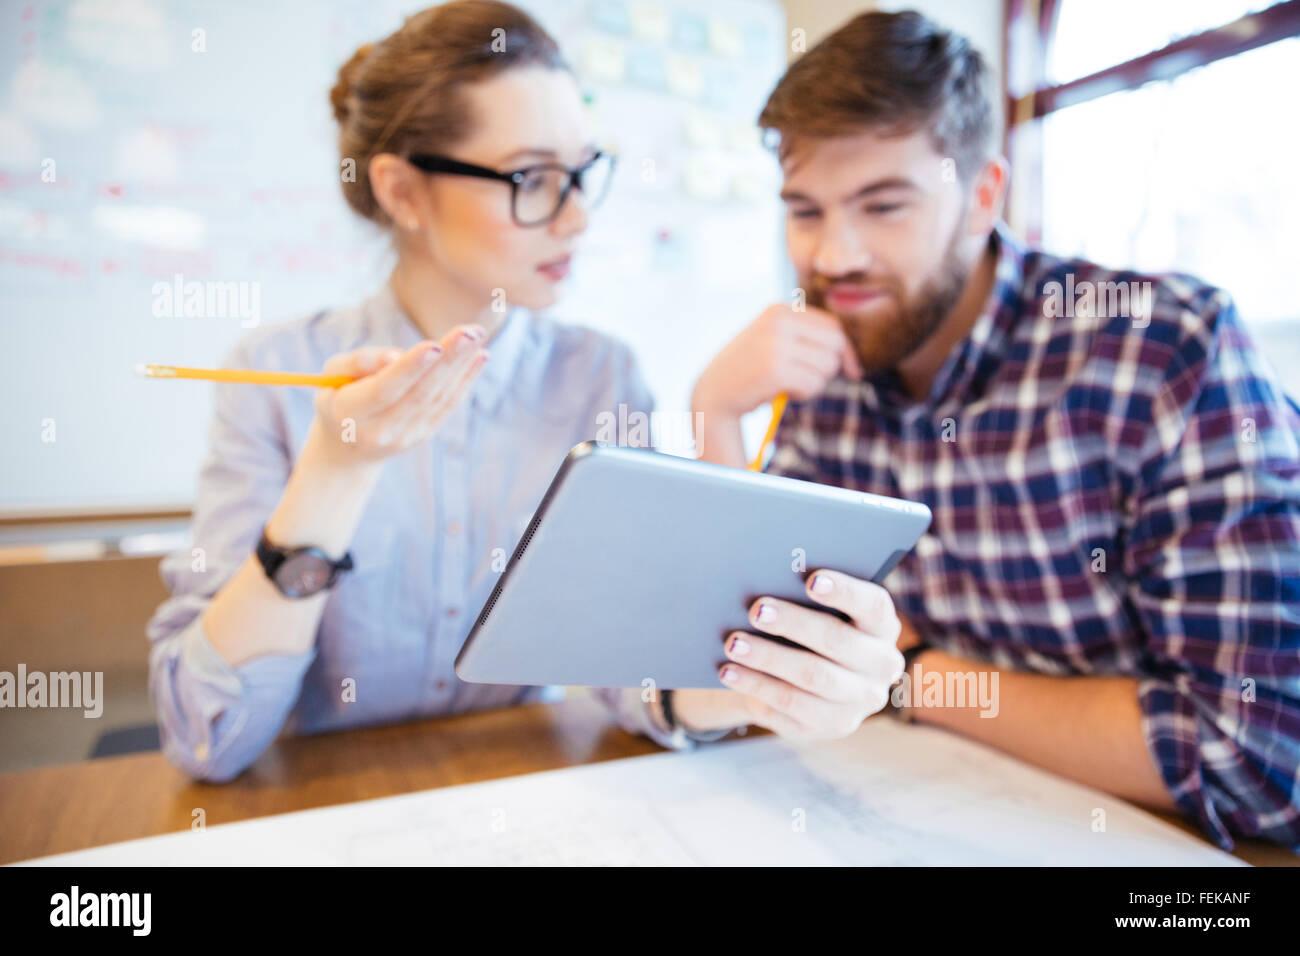 Zwei Geschäftsleute mit Tablet-PC im Büro arbeiten. Tablet-Computer im Fokus Stockbild